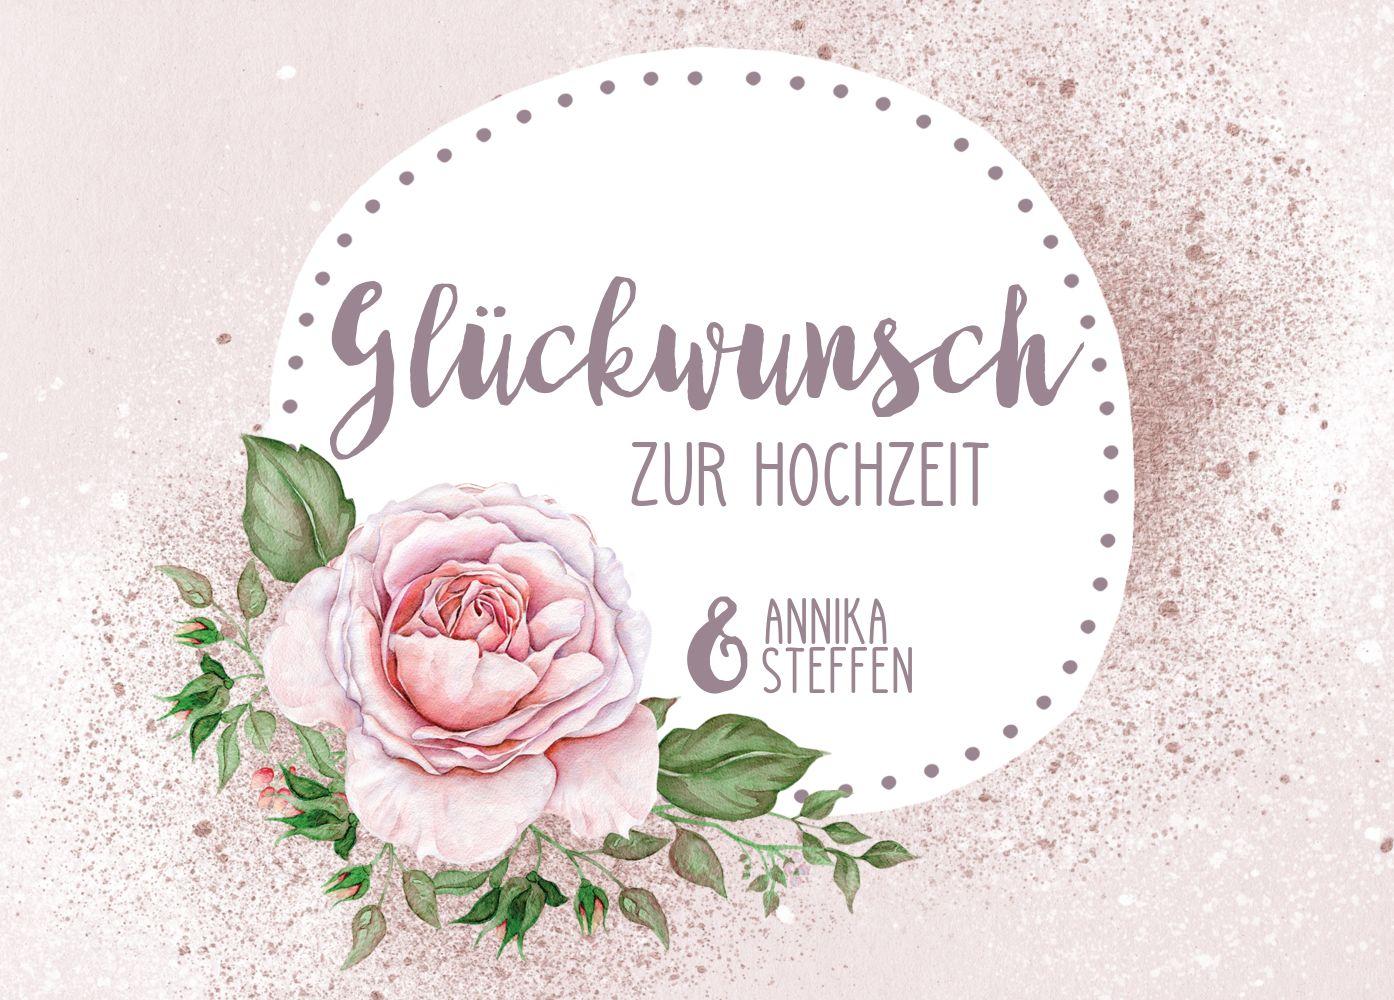 Ansicht 2 - Glückwunschkarte zur Hochzeit Blume